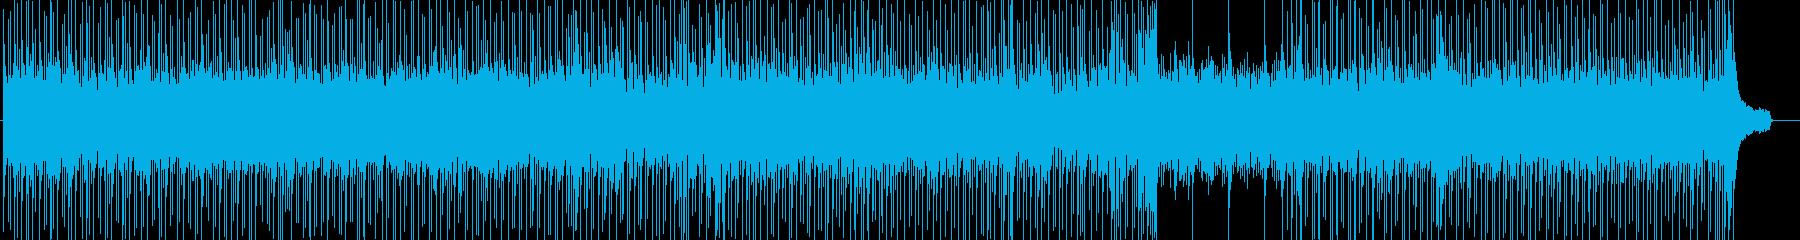 キラキラ12弦アルペジオのアコギロックの再生済みの波形